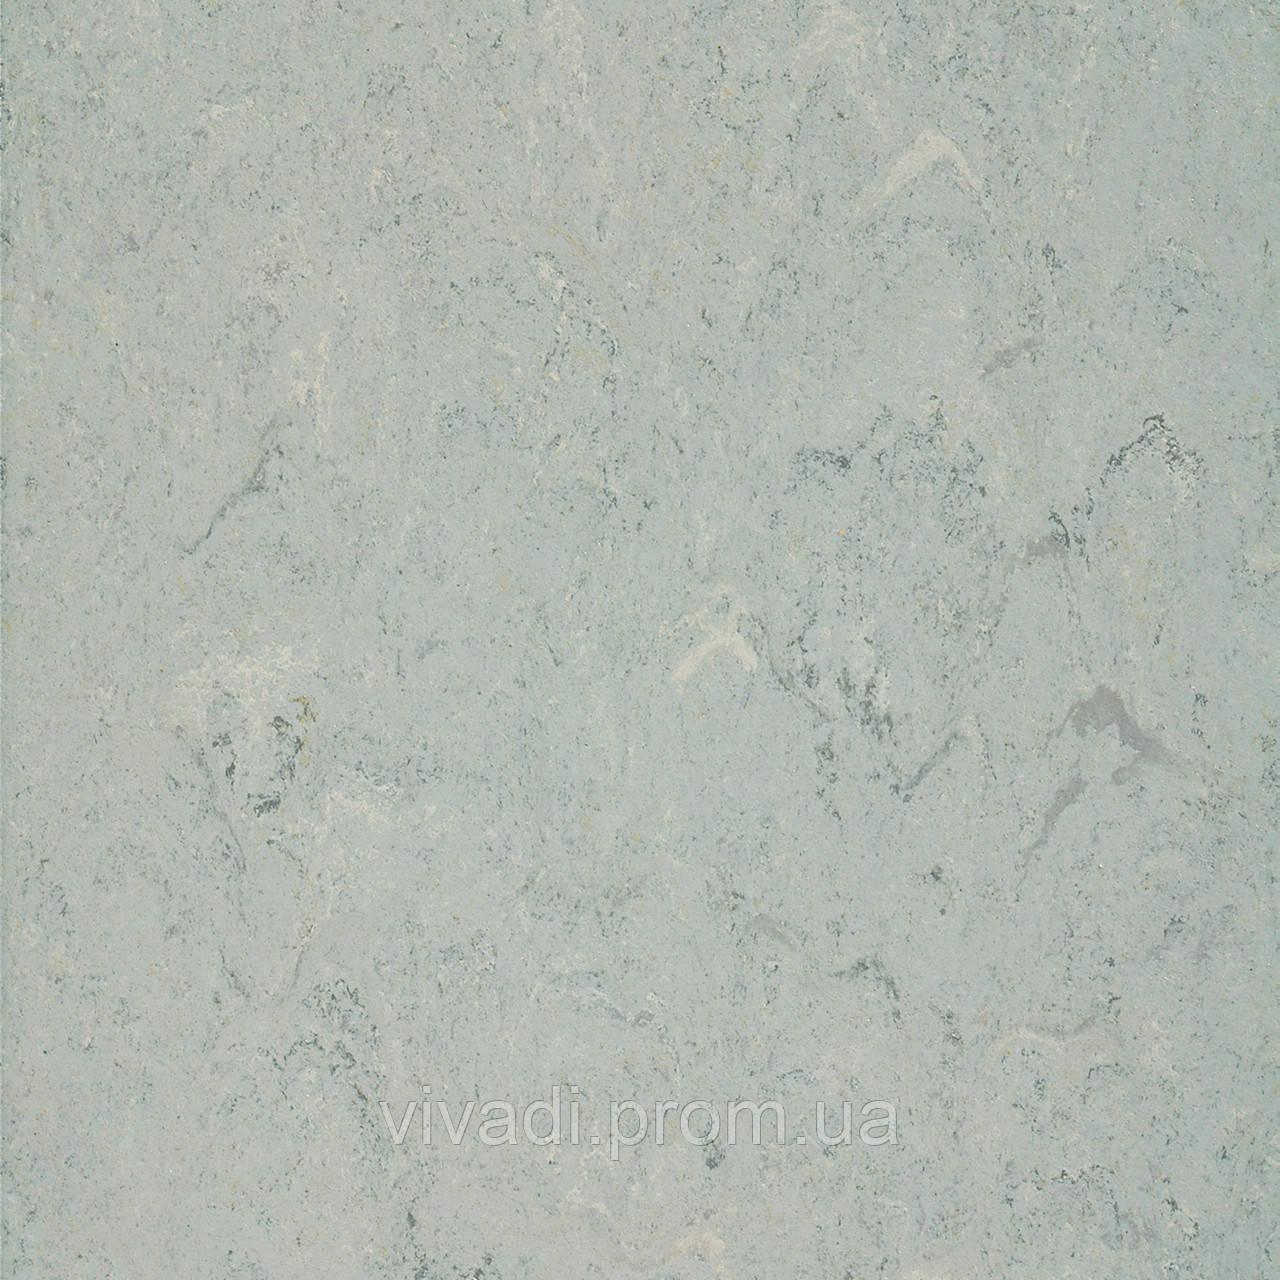 Натуральний лінолеум Marmorette LPX - 121-055